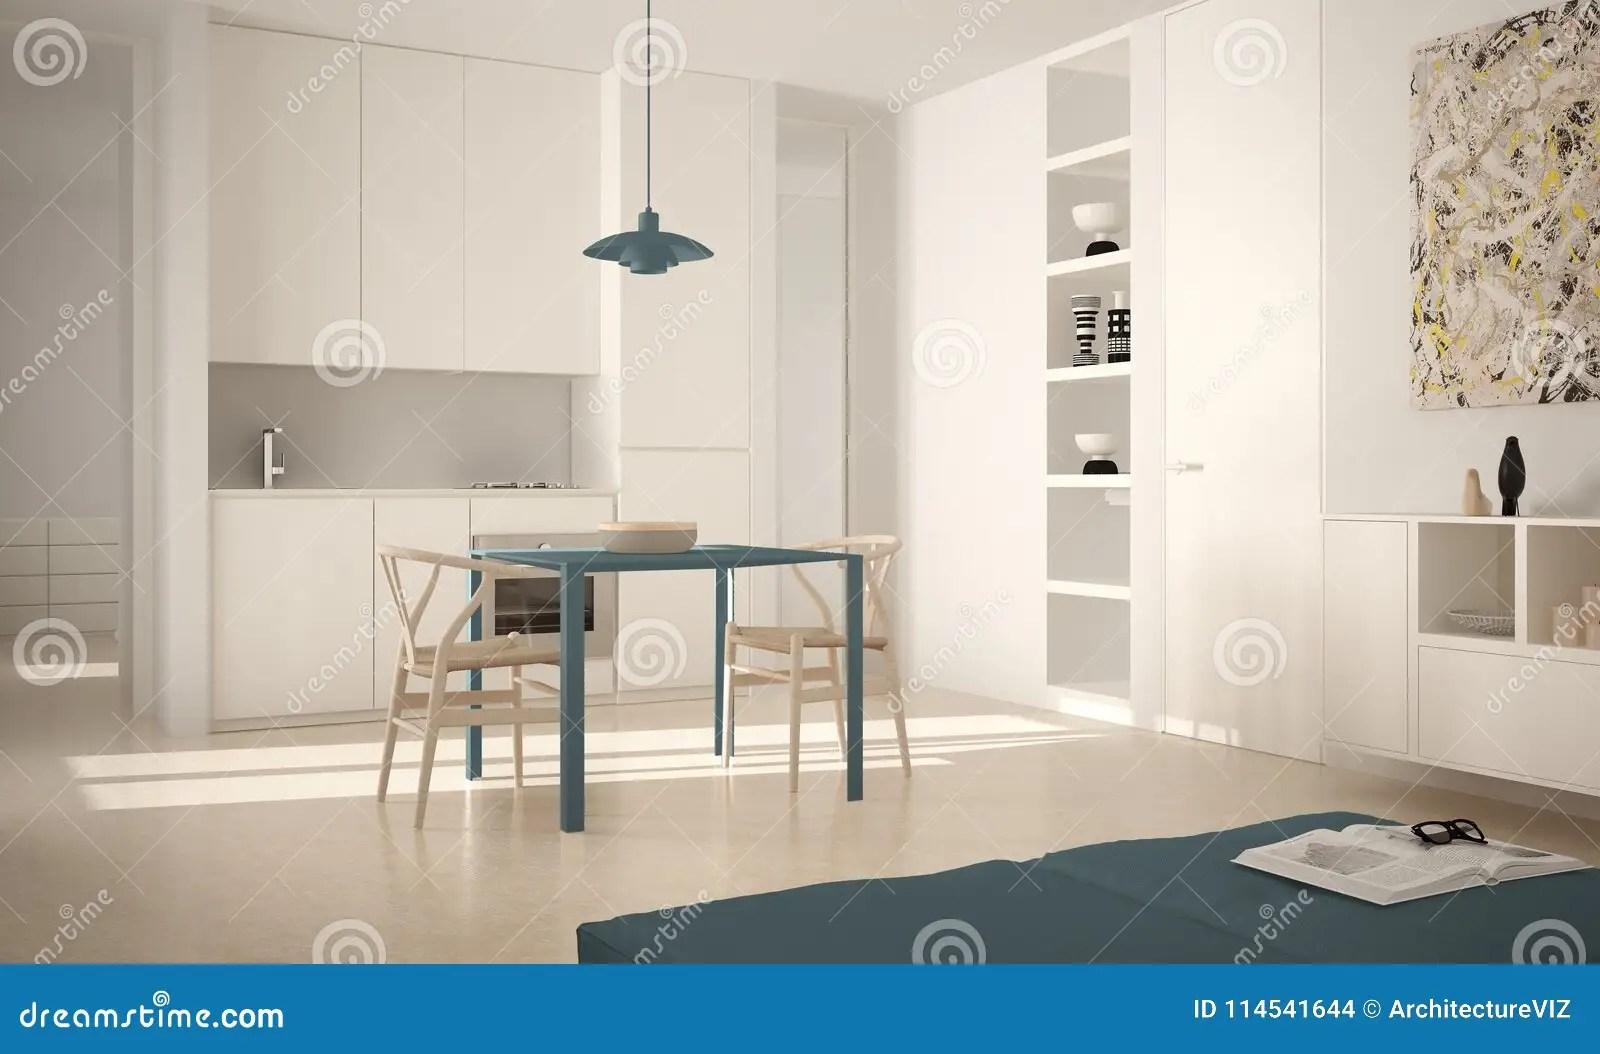 blue kitchen chairs led lights 有餐桌的最低纲领派现代明亮的厨房和椅子 大窗口 白色和蓝色建筑学内部 白色和蓝色建筑学室内设计